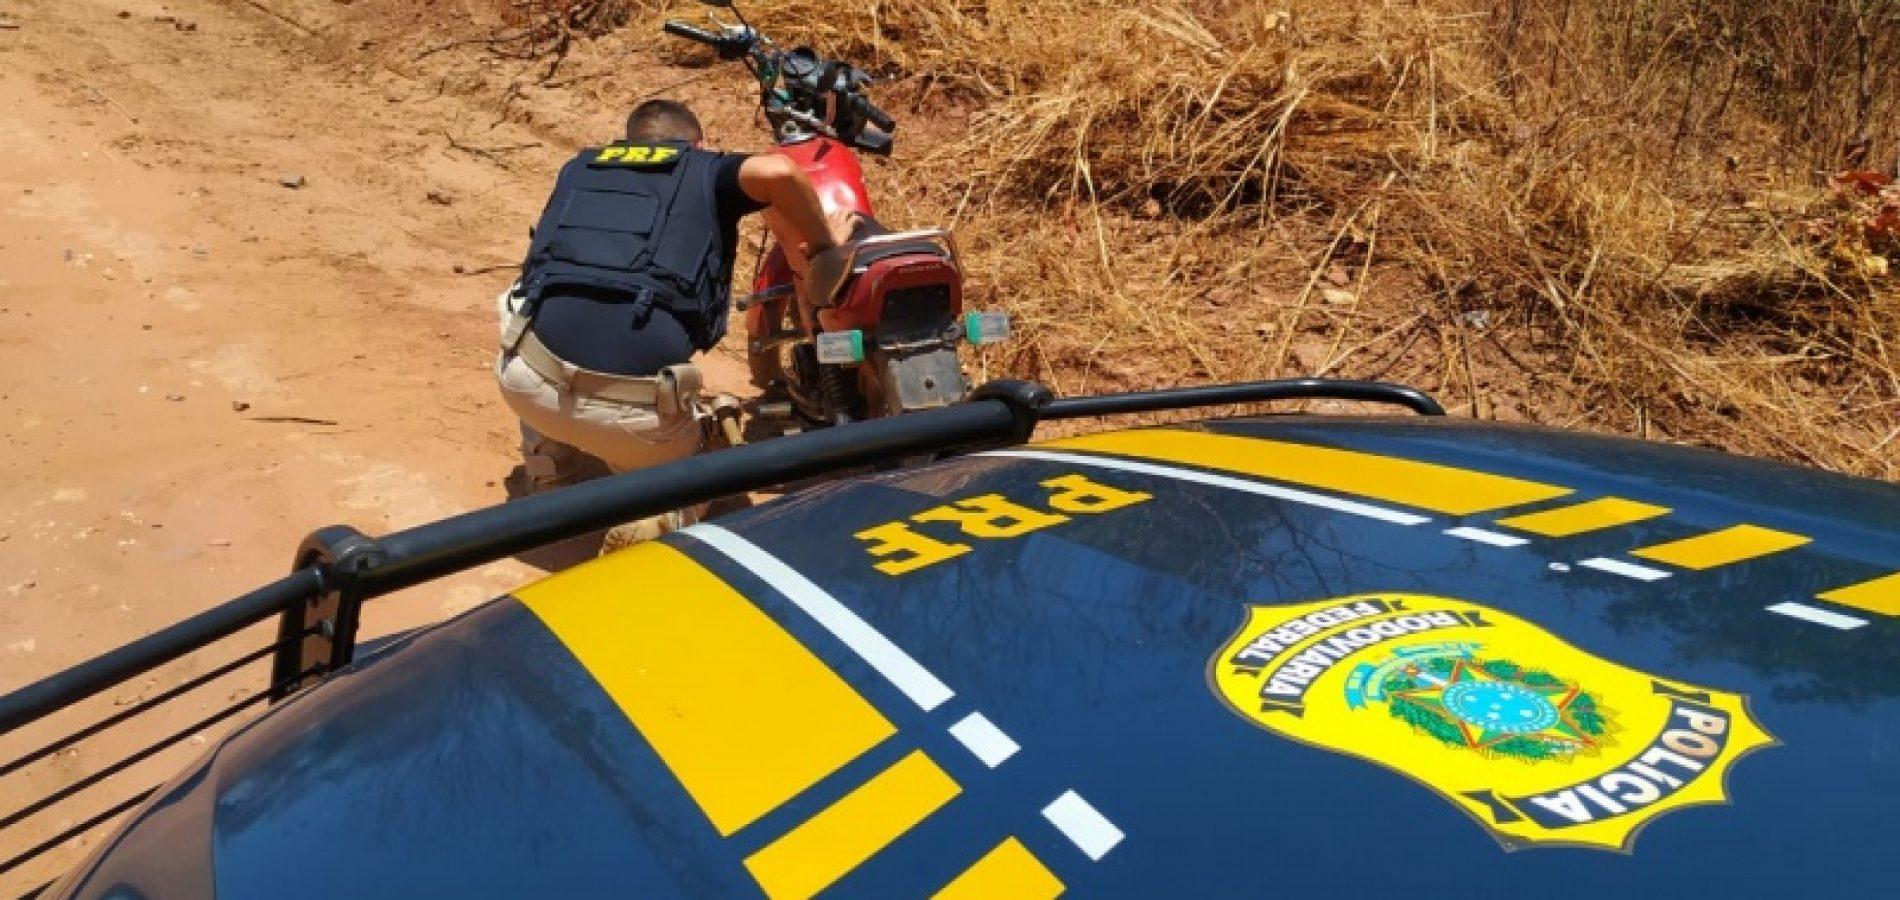 PRF apreende motocicleta e prende homem por adulteração de sinal identificador do veículo em Valença do Piauí